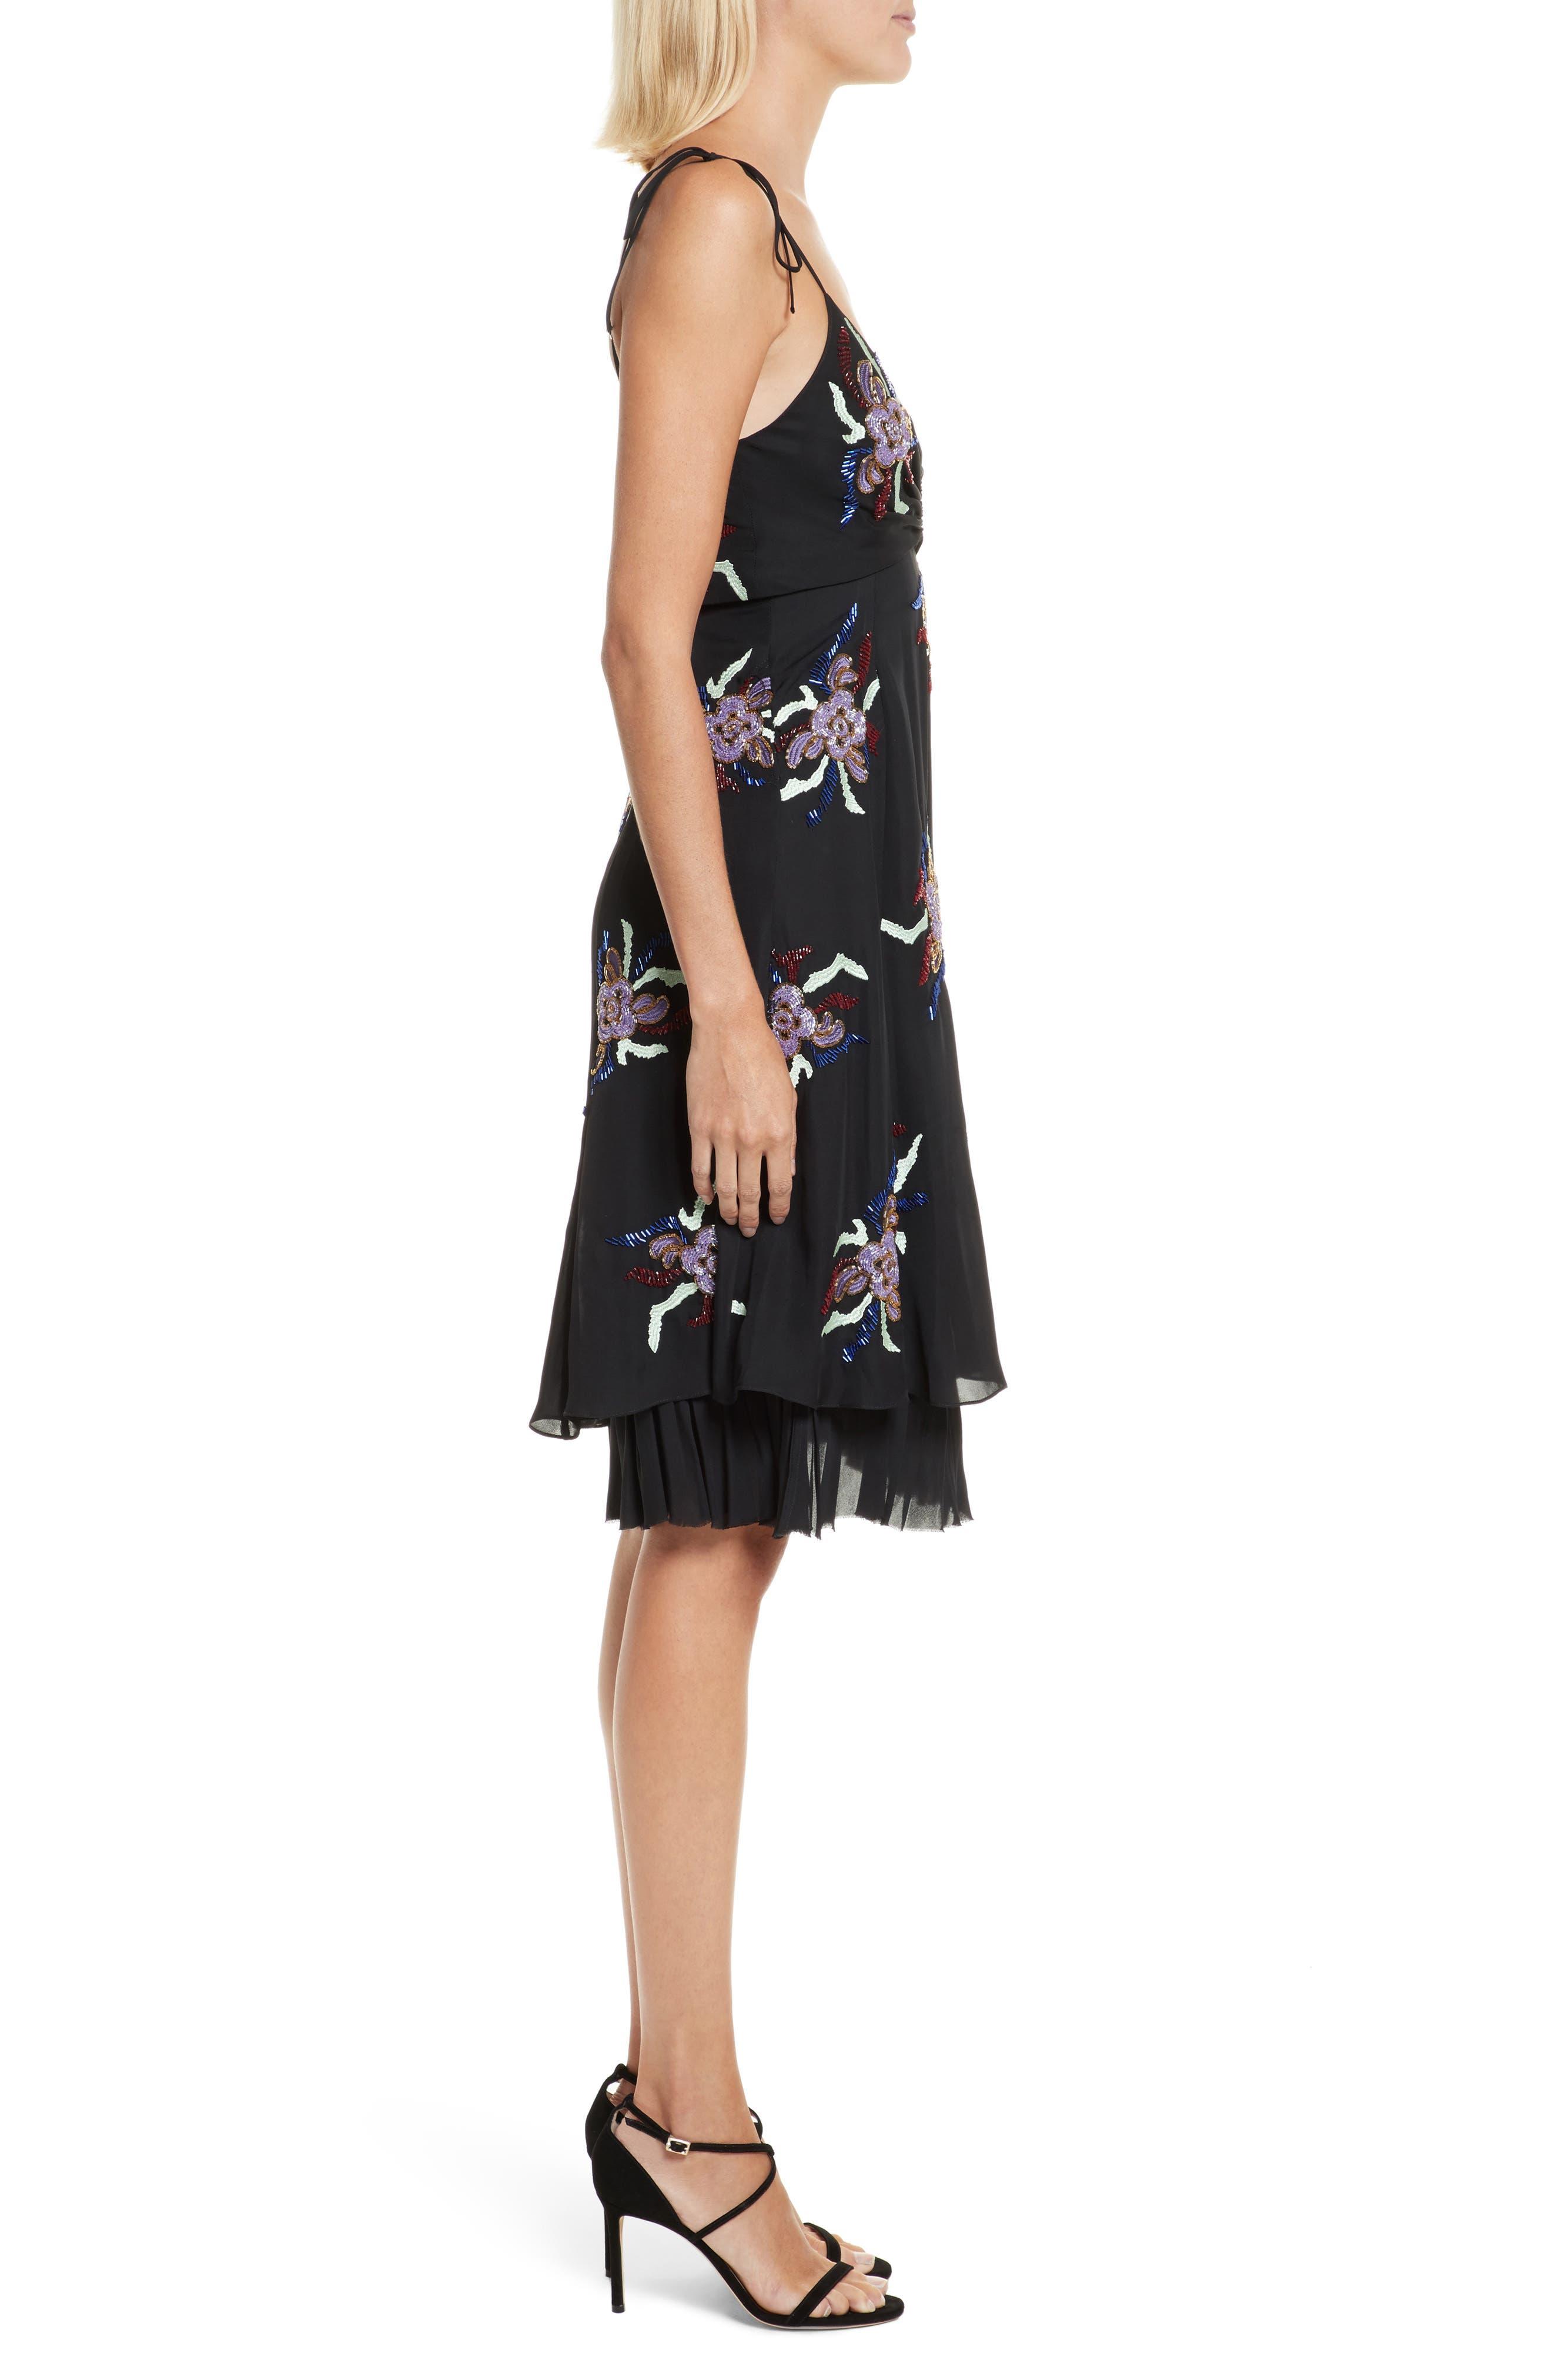 Porsca Embellished Silk Dress,                             Alternate thumbnail 3, color,                             008